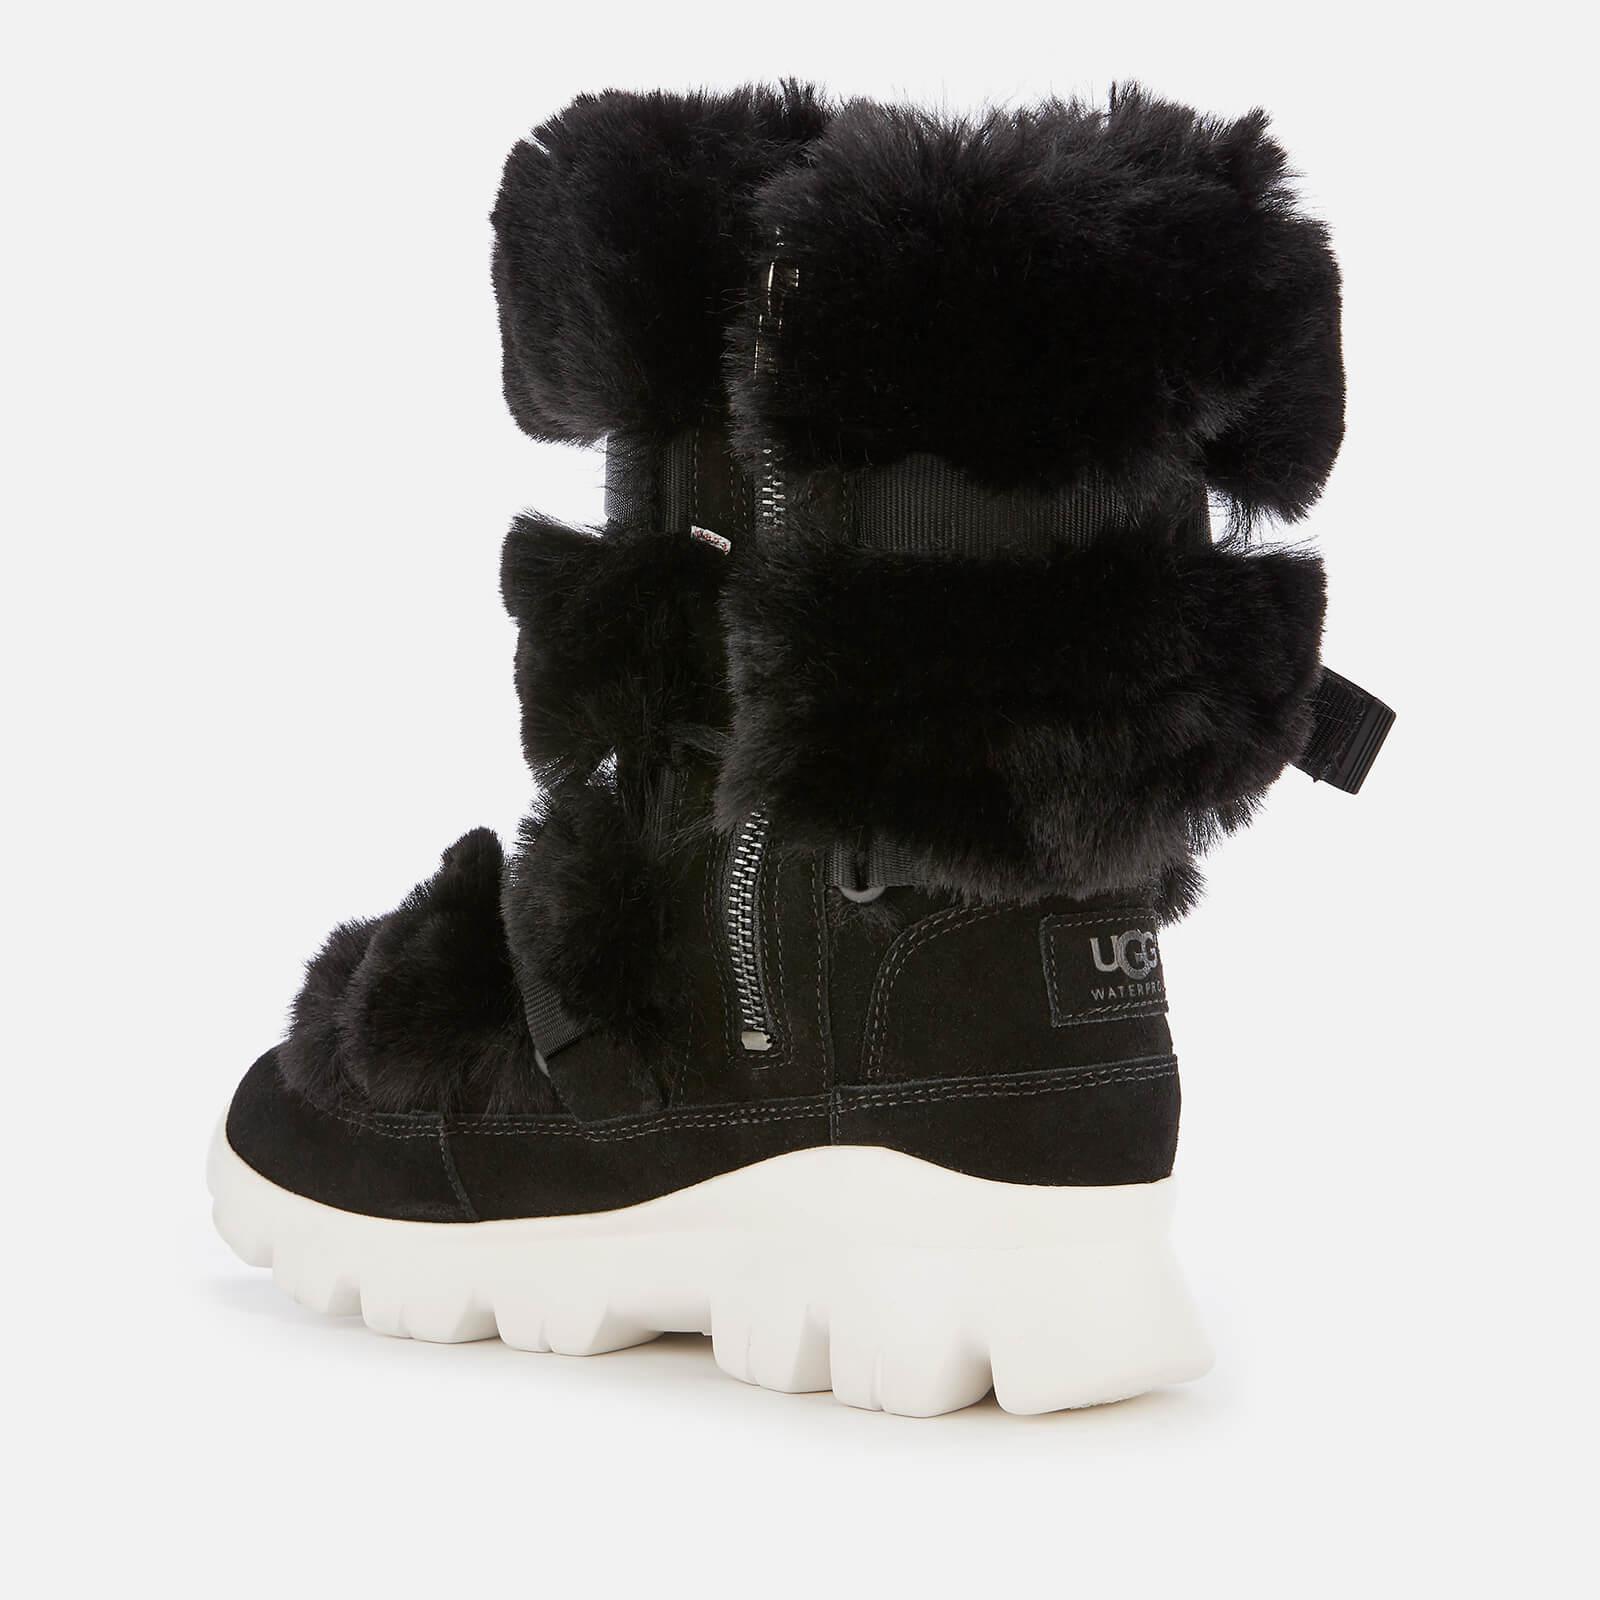 Ugg Misty Faux Fur Waterproof Boots In Black Lyst